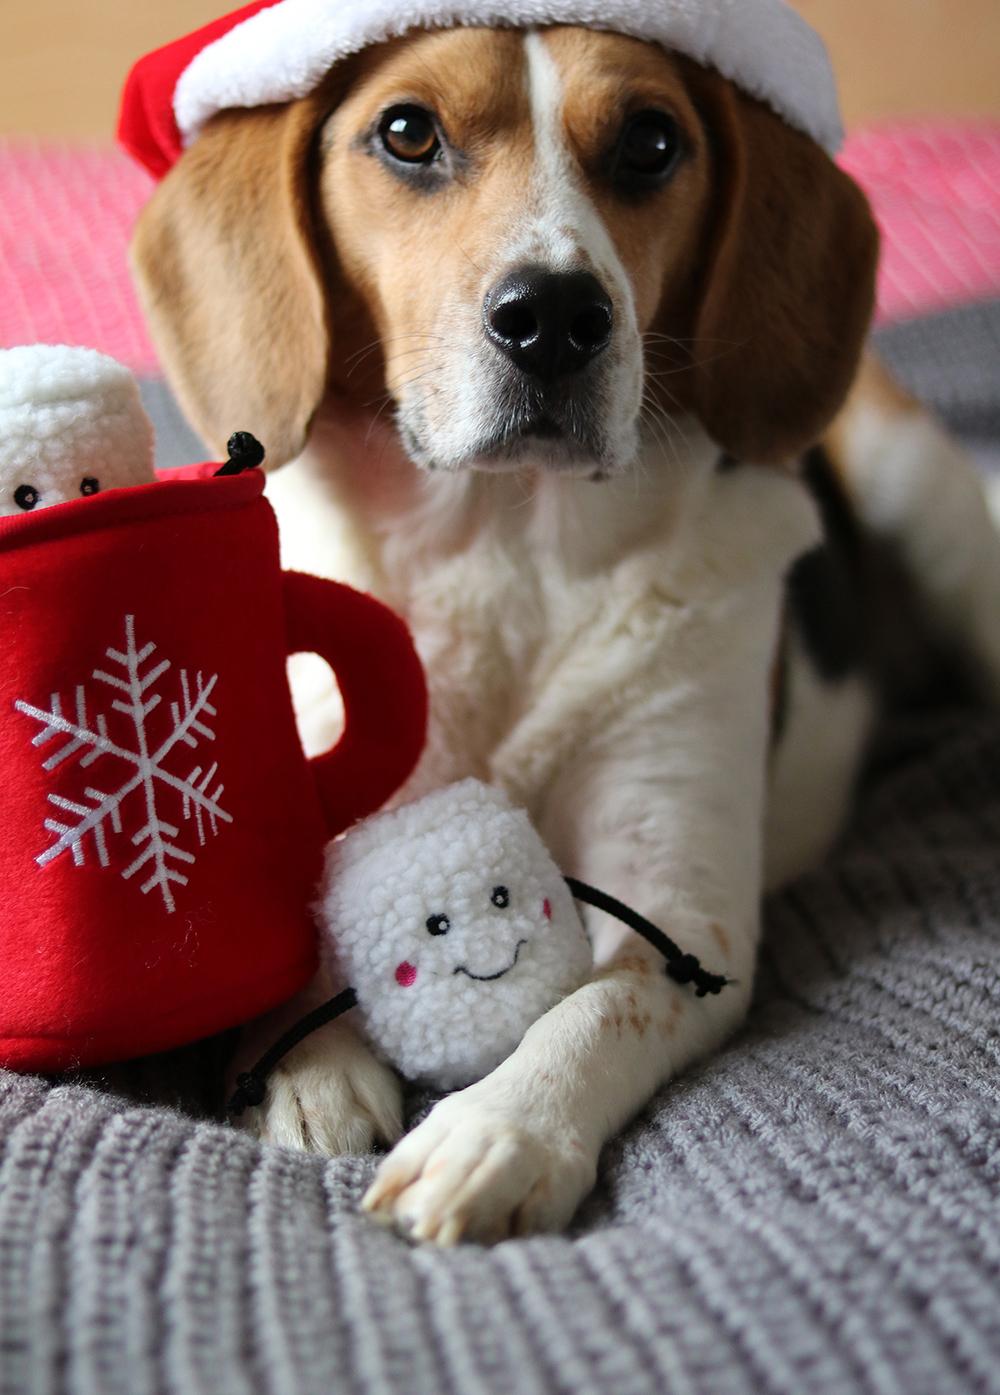 Ollie de beagle als model voor de kerstkaarten